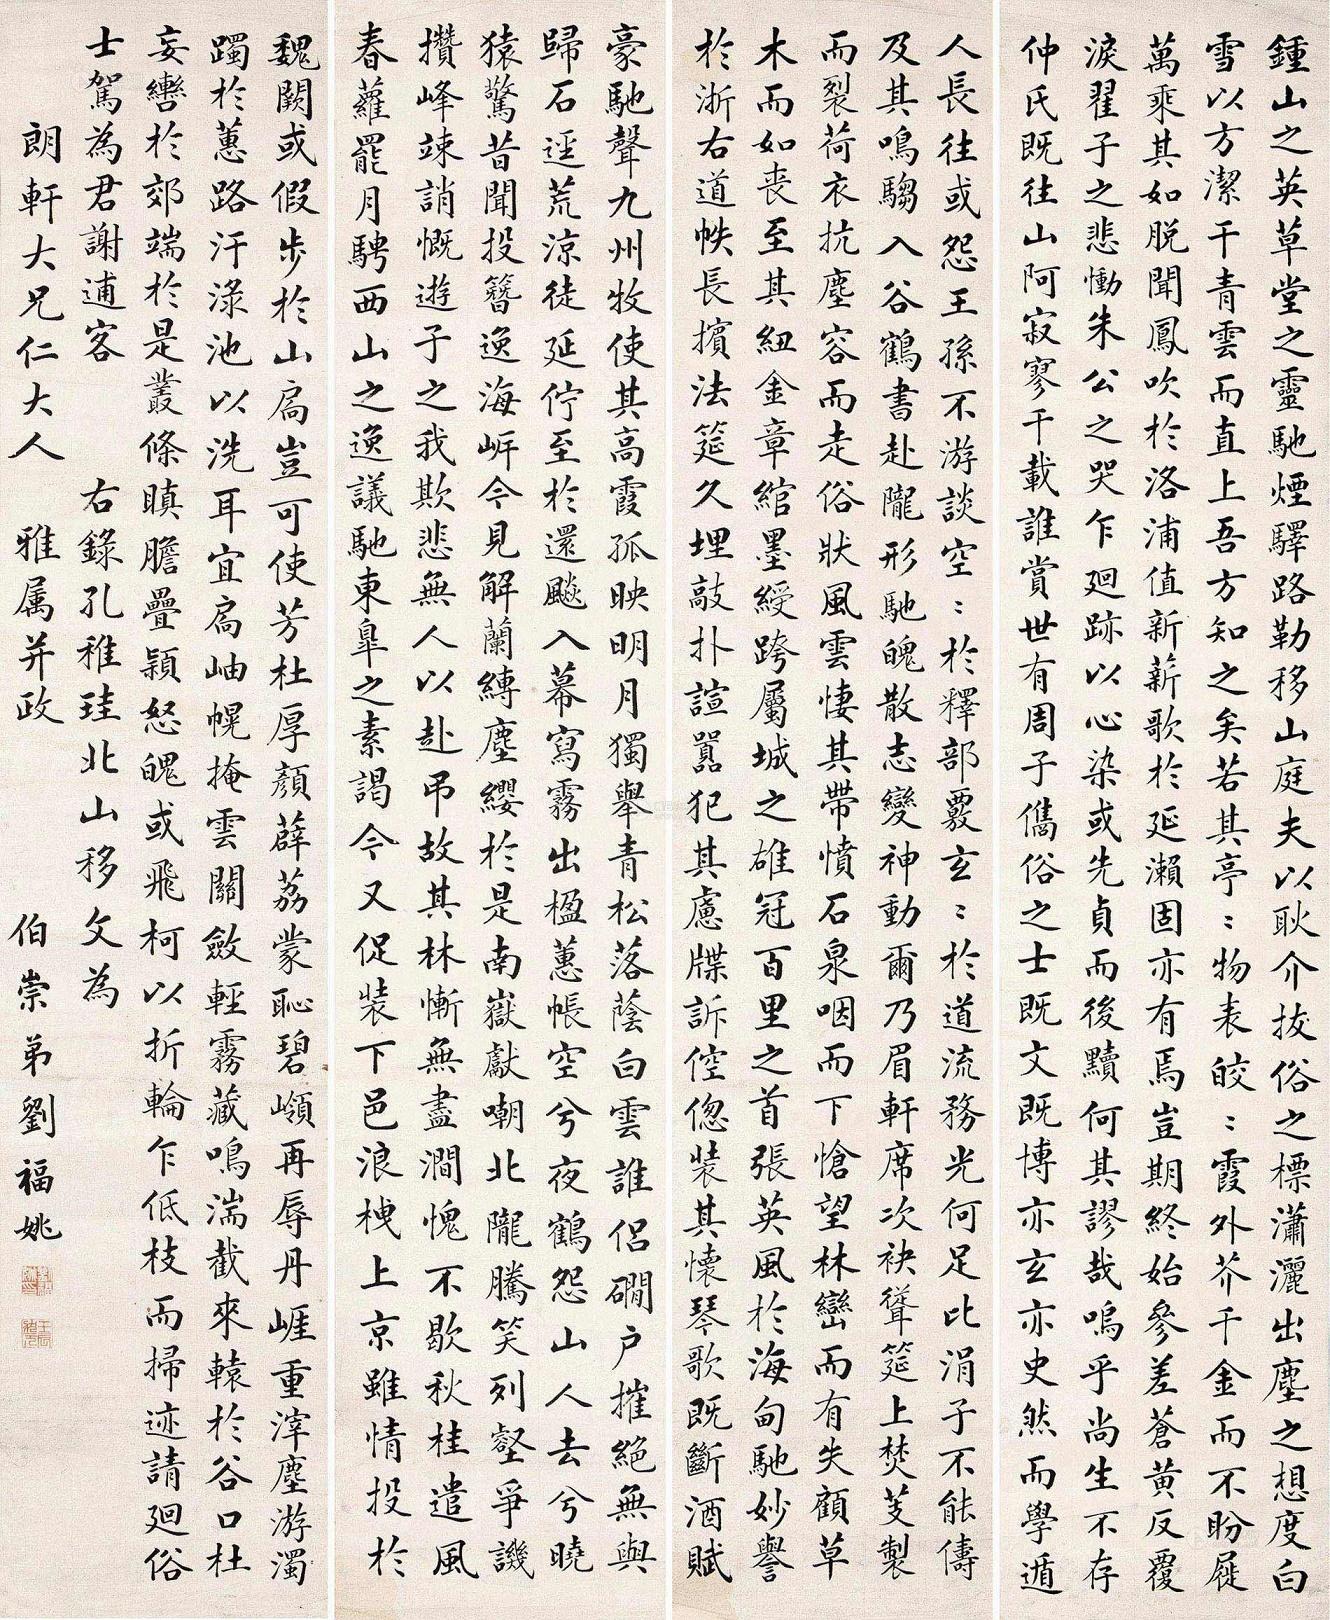 《北山移文》孔稚珪文言文原文注释翻译